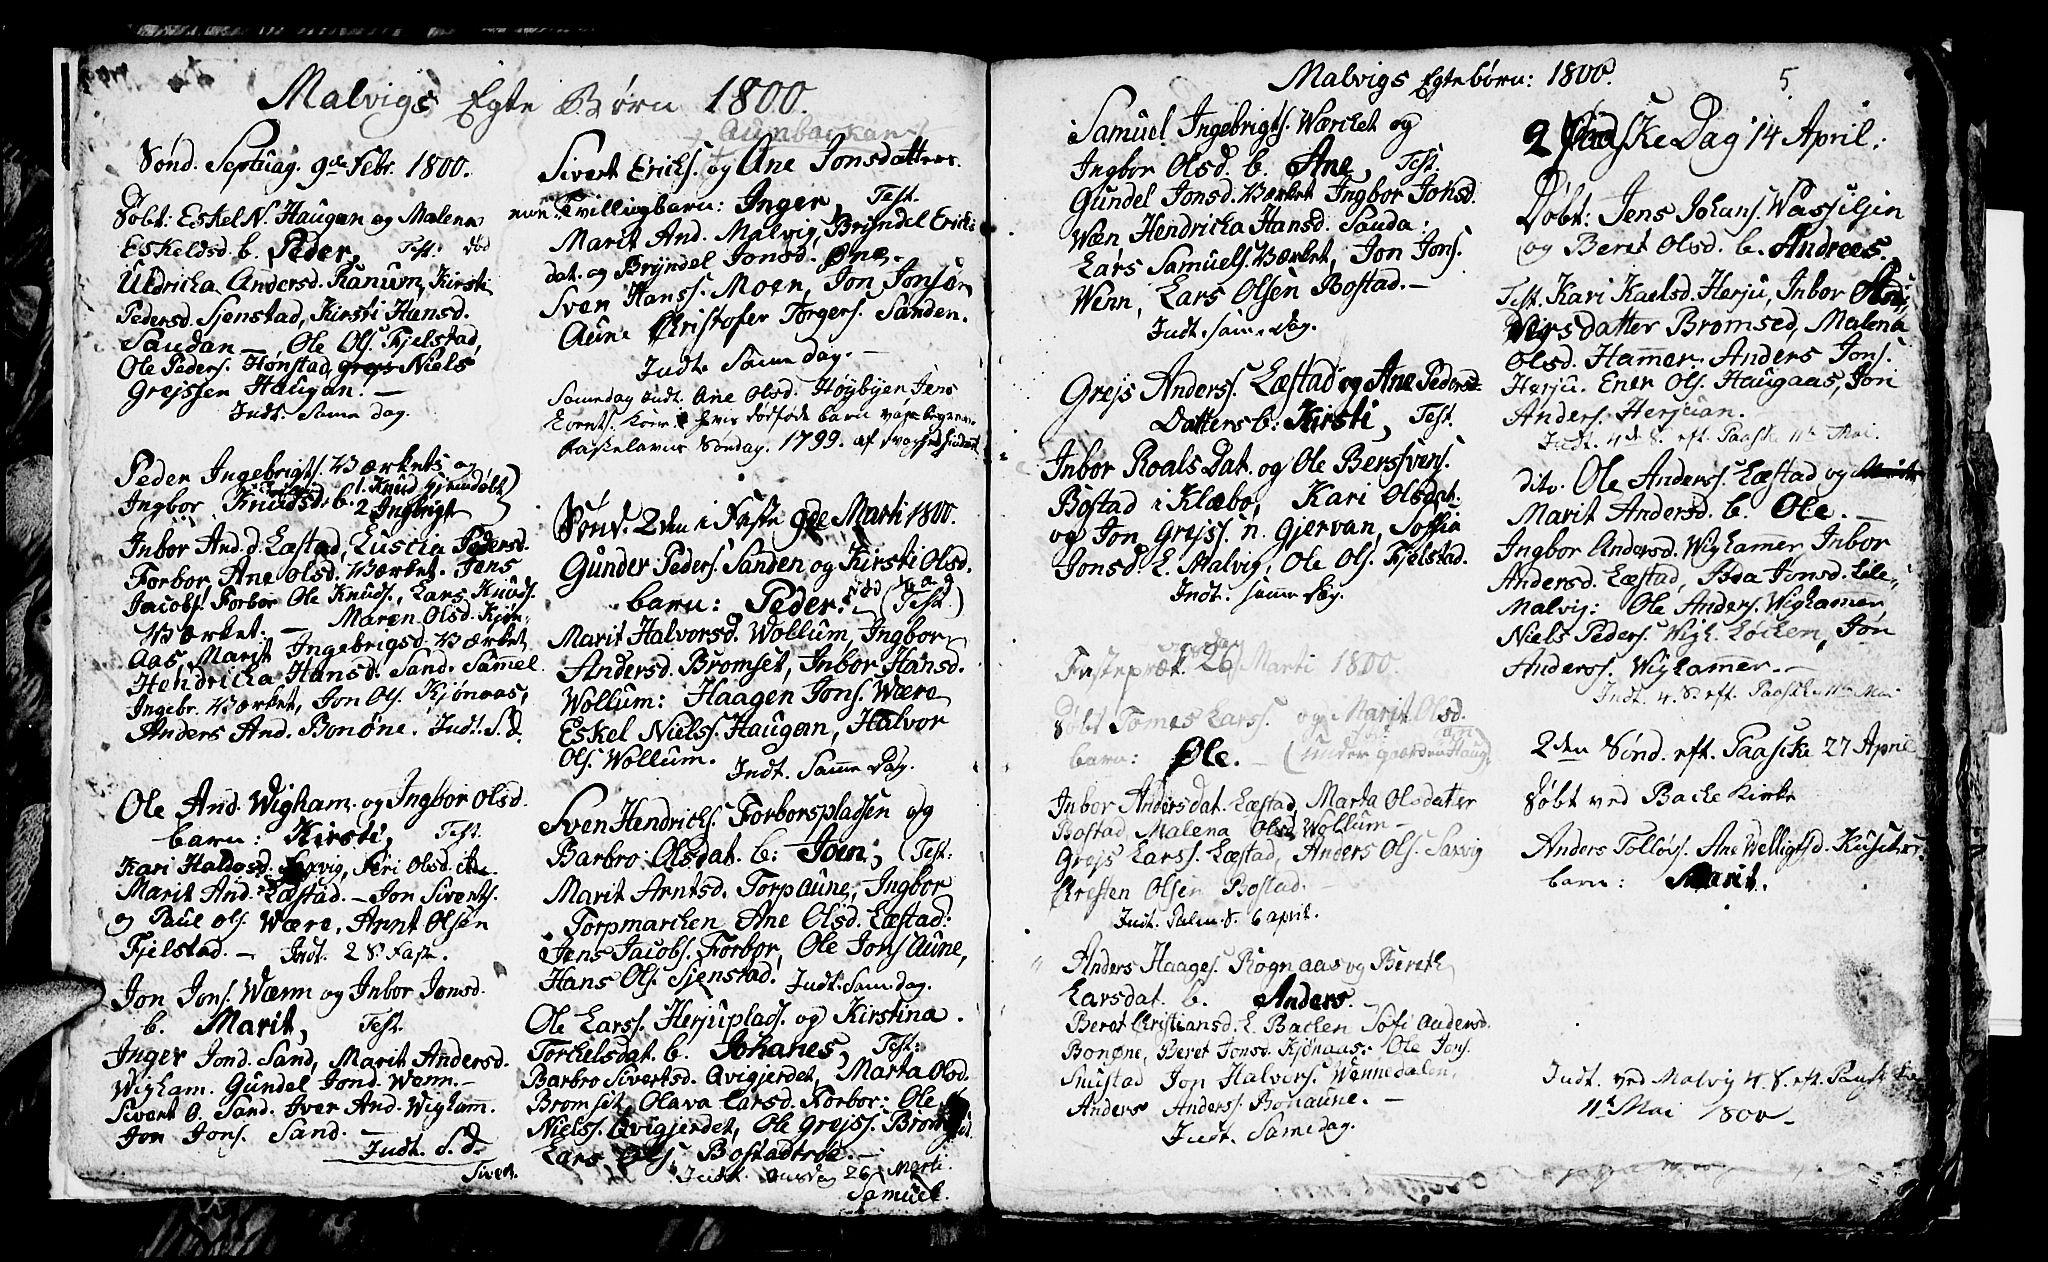 SAT, Ministerialprotokoller, klokkerbøker og fødselsregistre - Sør-Trøndelag, 616/L0419: Klokkerbok nr. 616C02, 1797-1816, s. 5